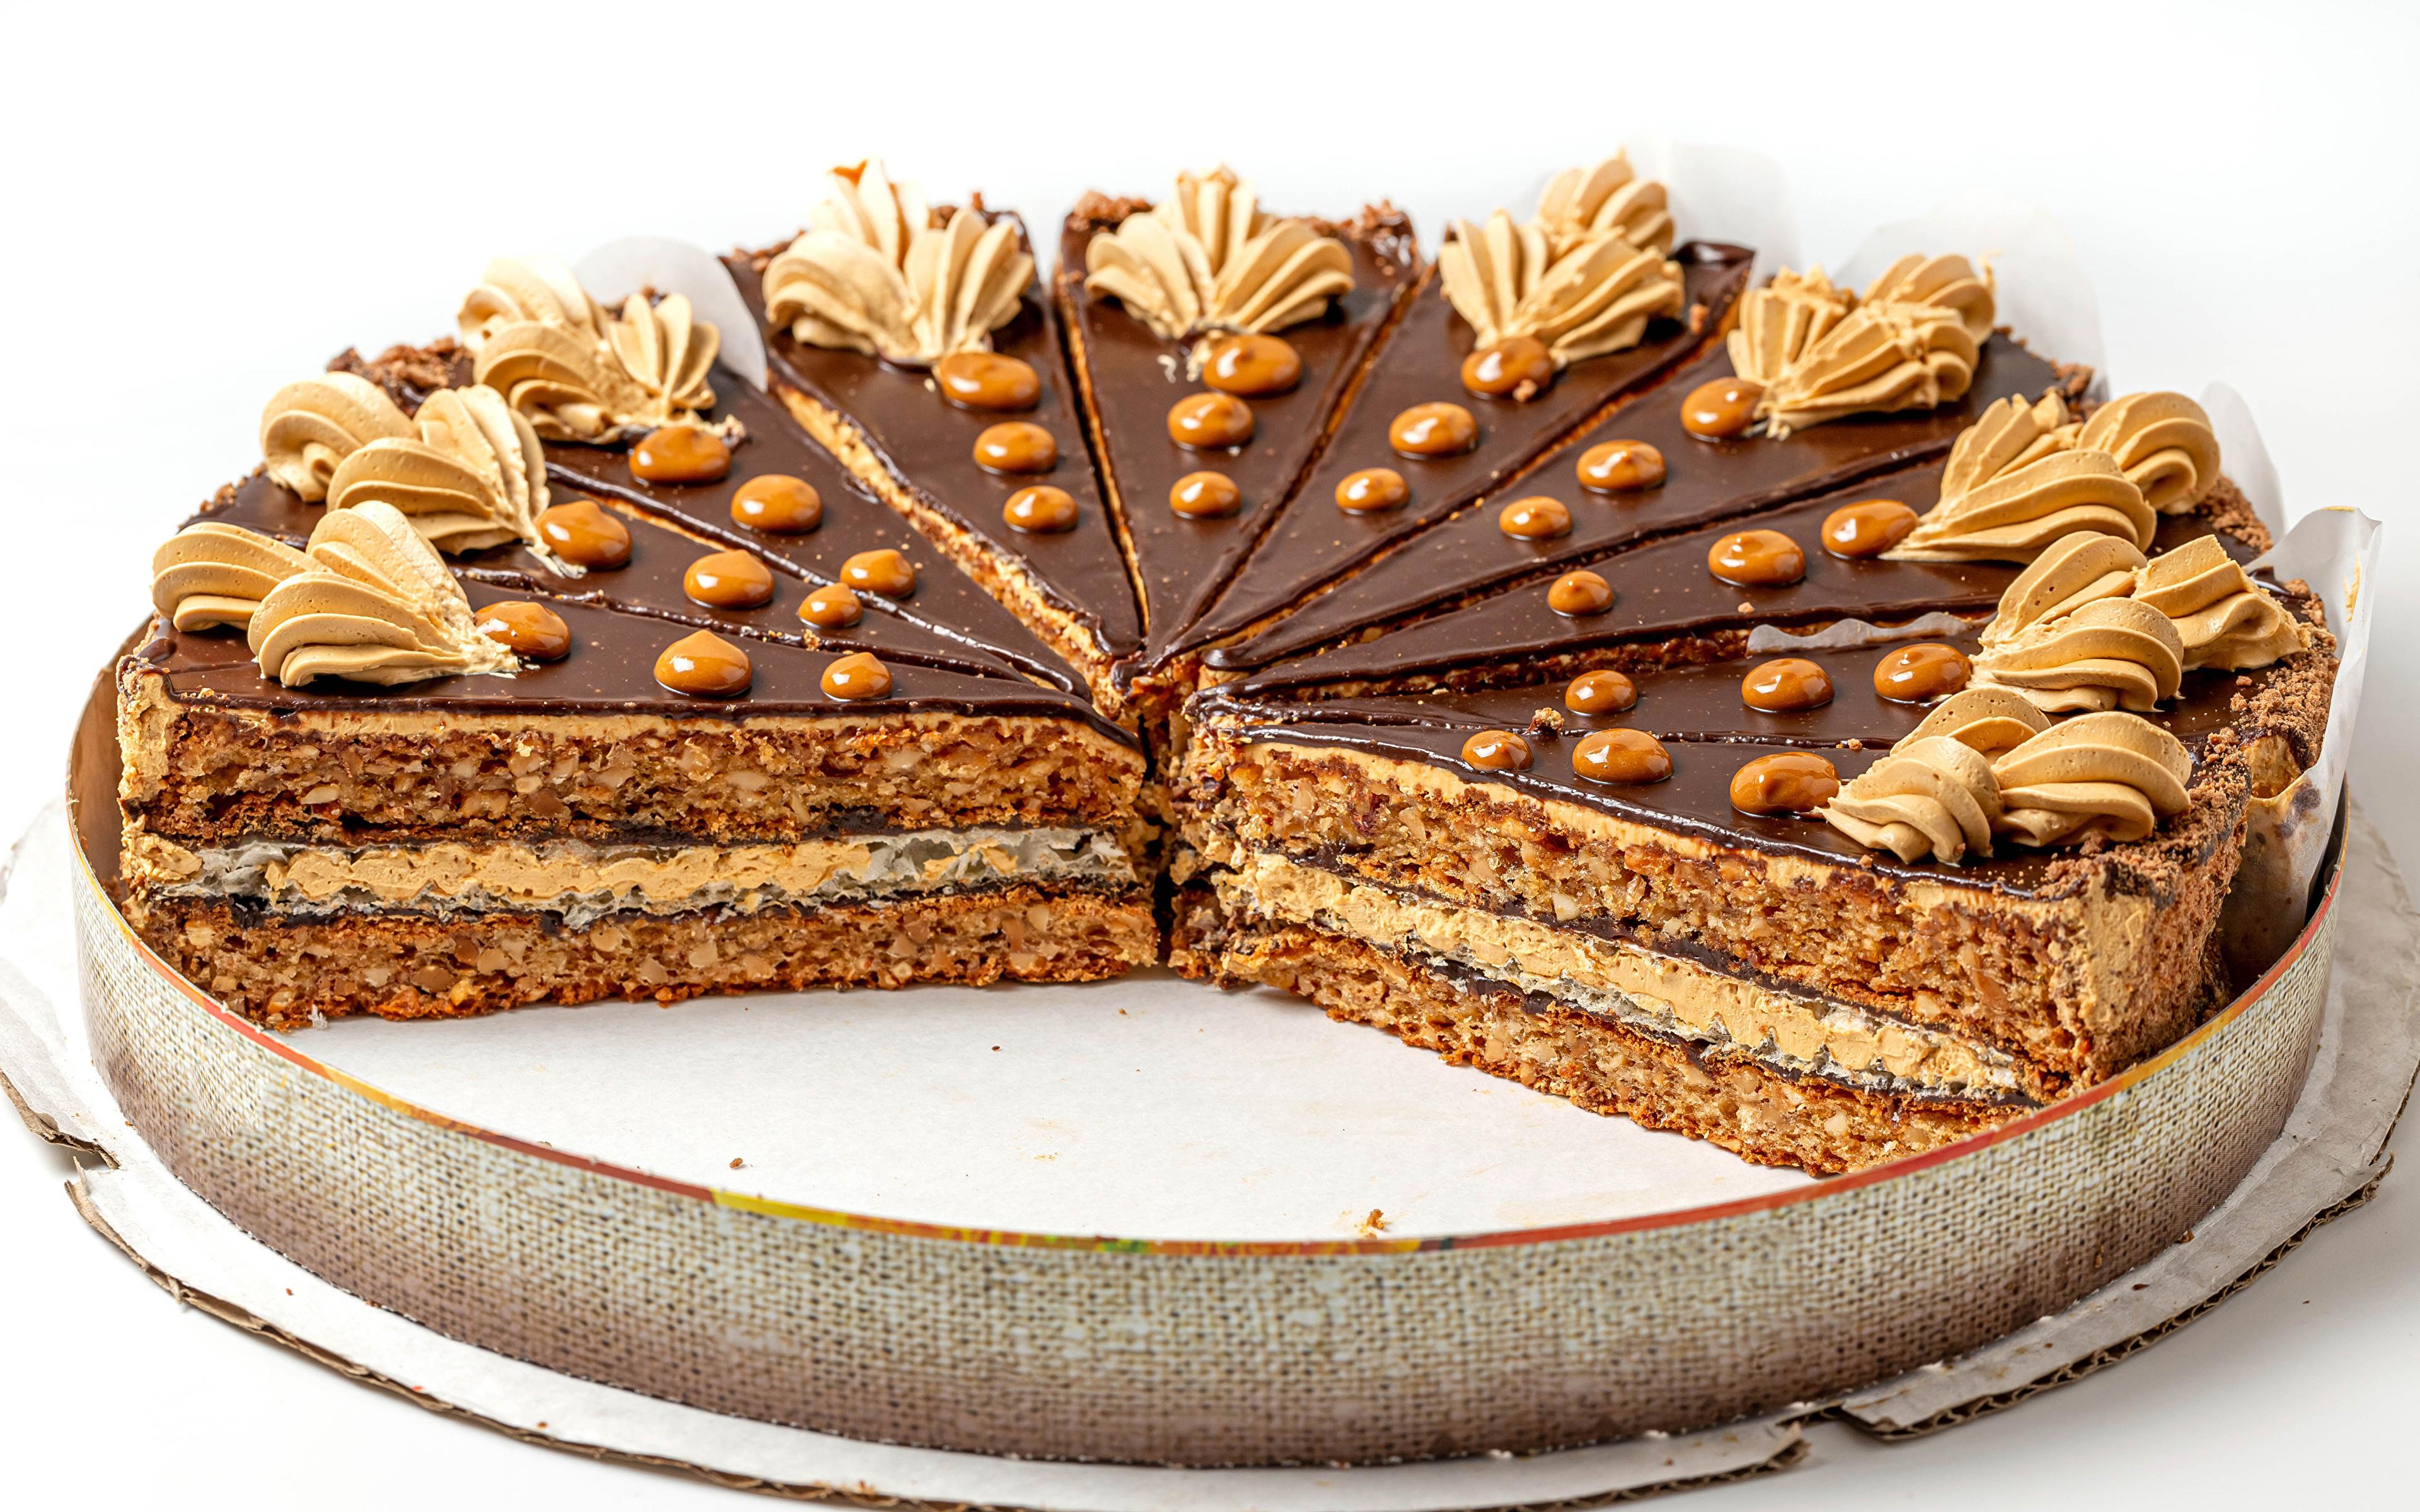 Immagine Cioccolato La torta Cibo Sfondo bianco Disegno 3840x2400 alimento